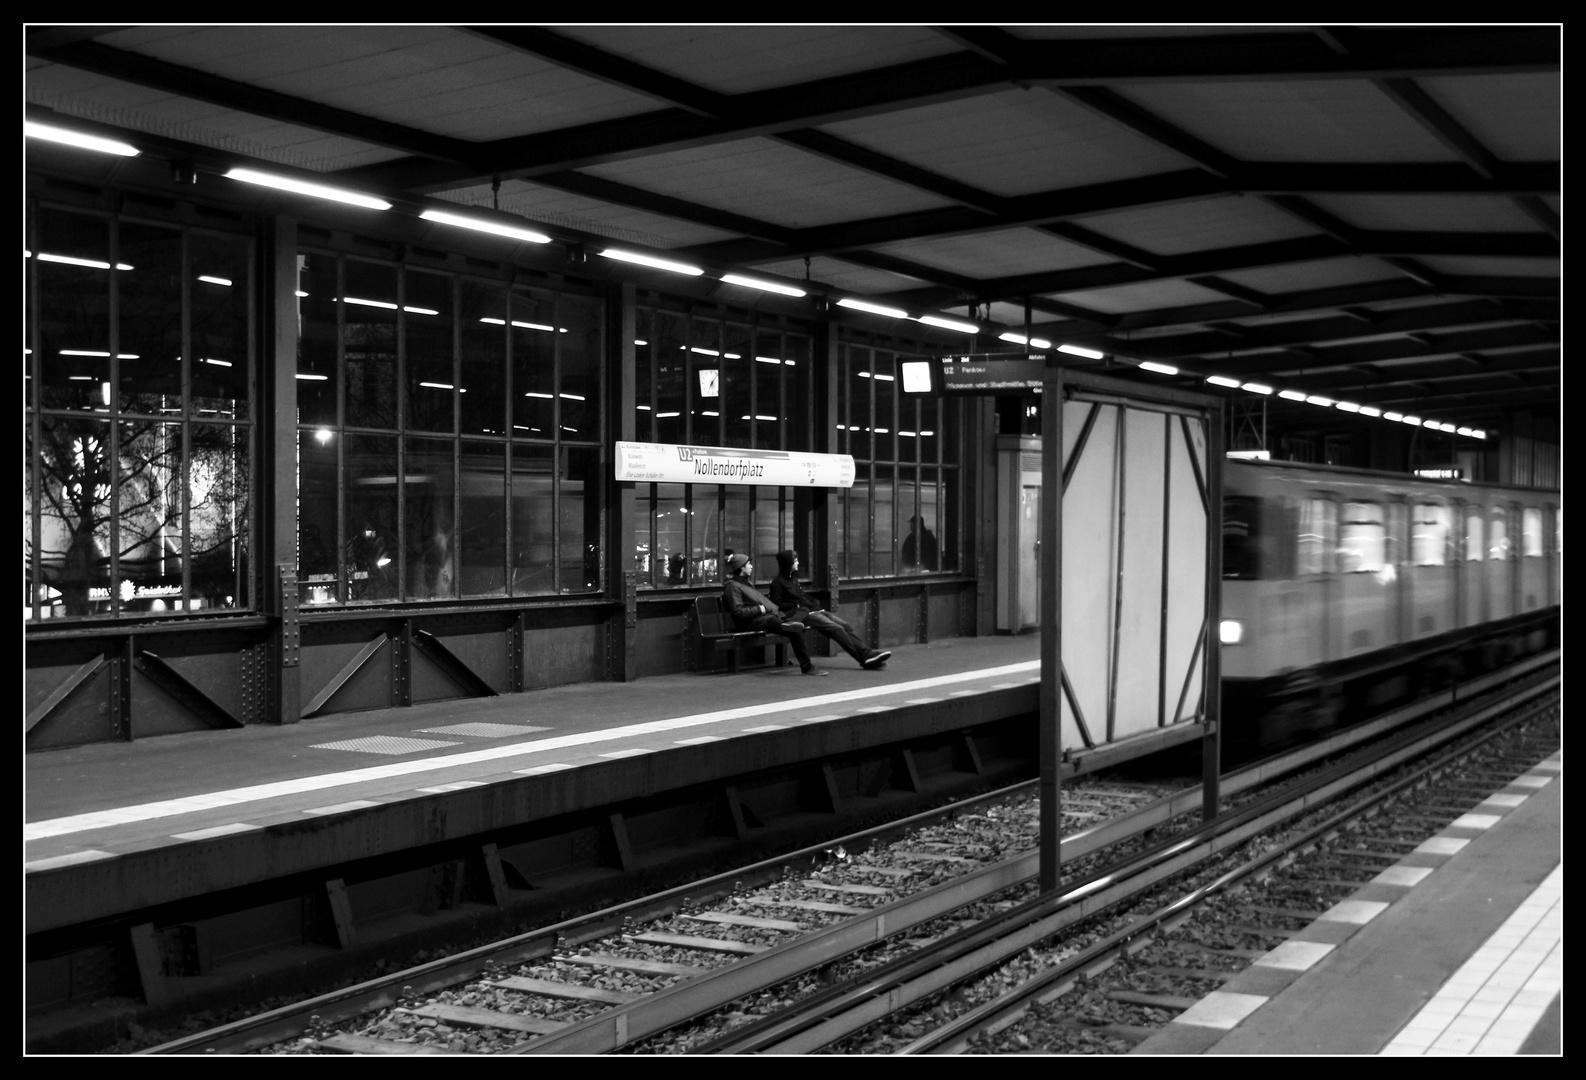 U-Bahnhof Nollendorfplatz